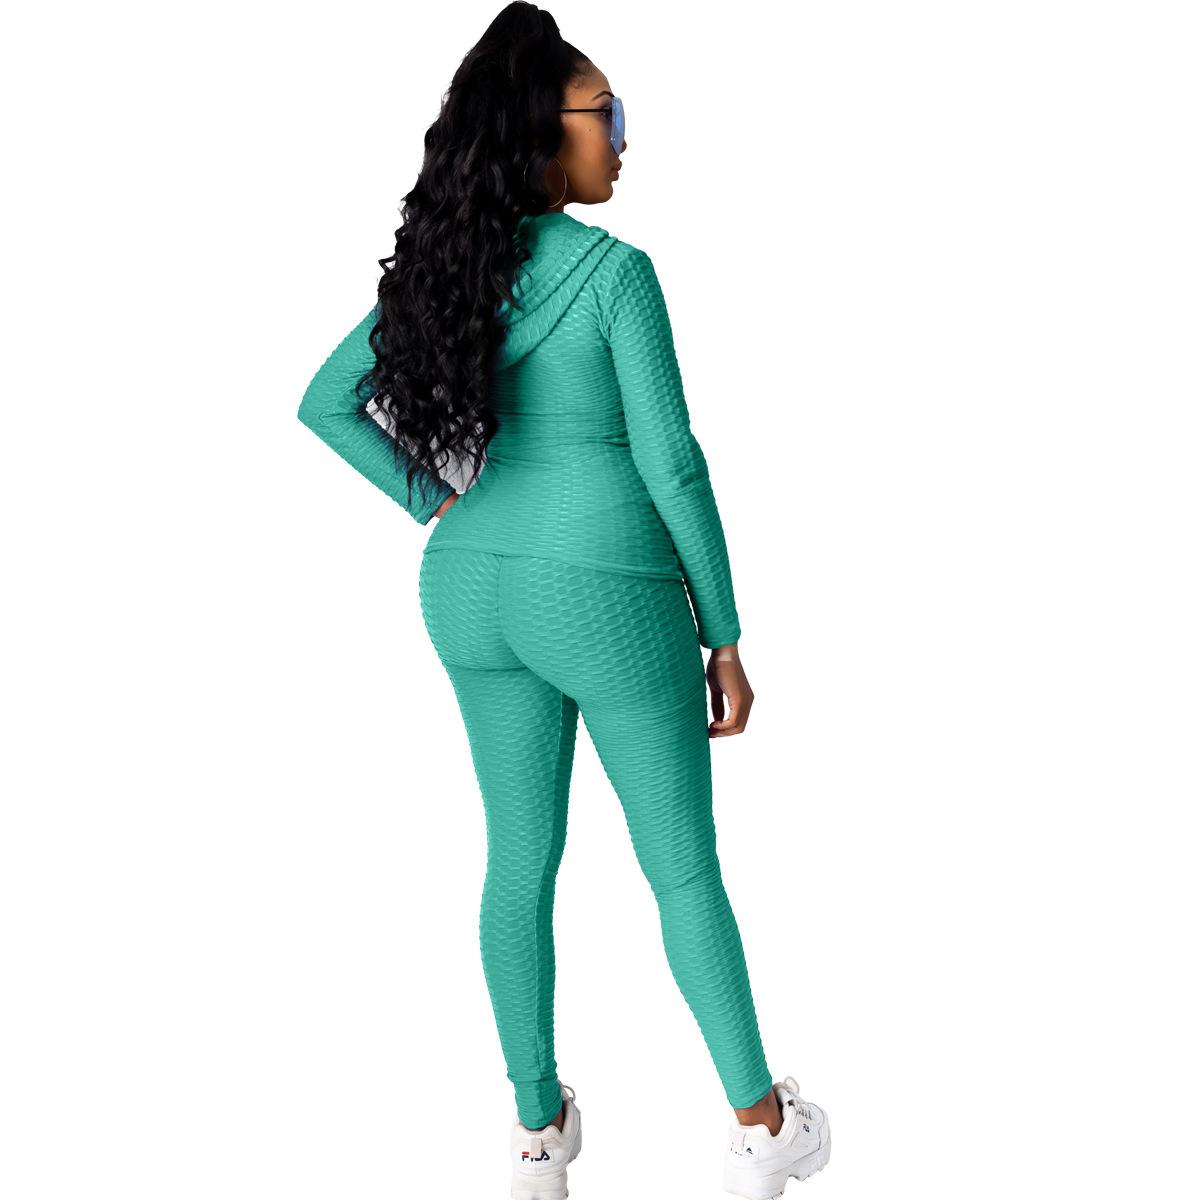 Женская повседневная одежда из двух предметов брюки и топ на